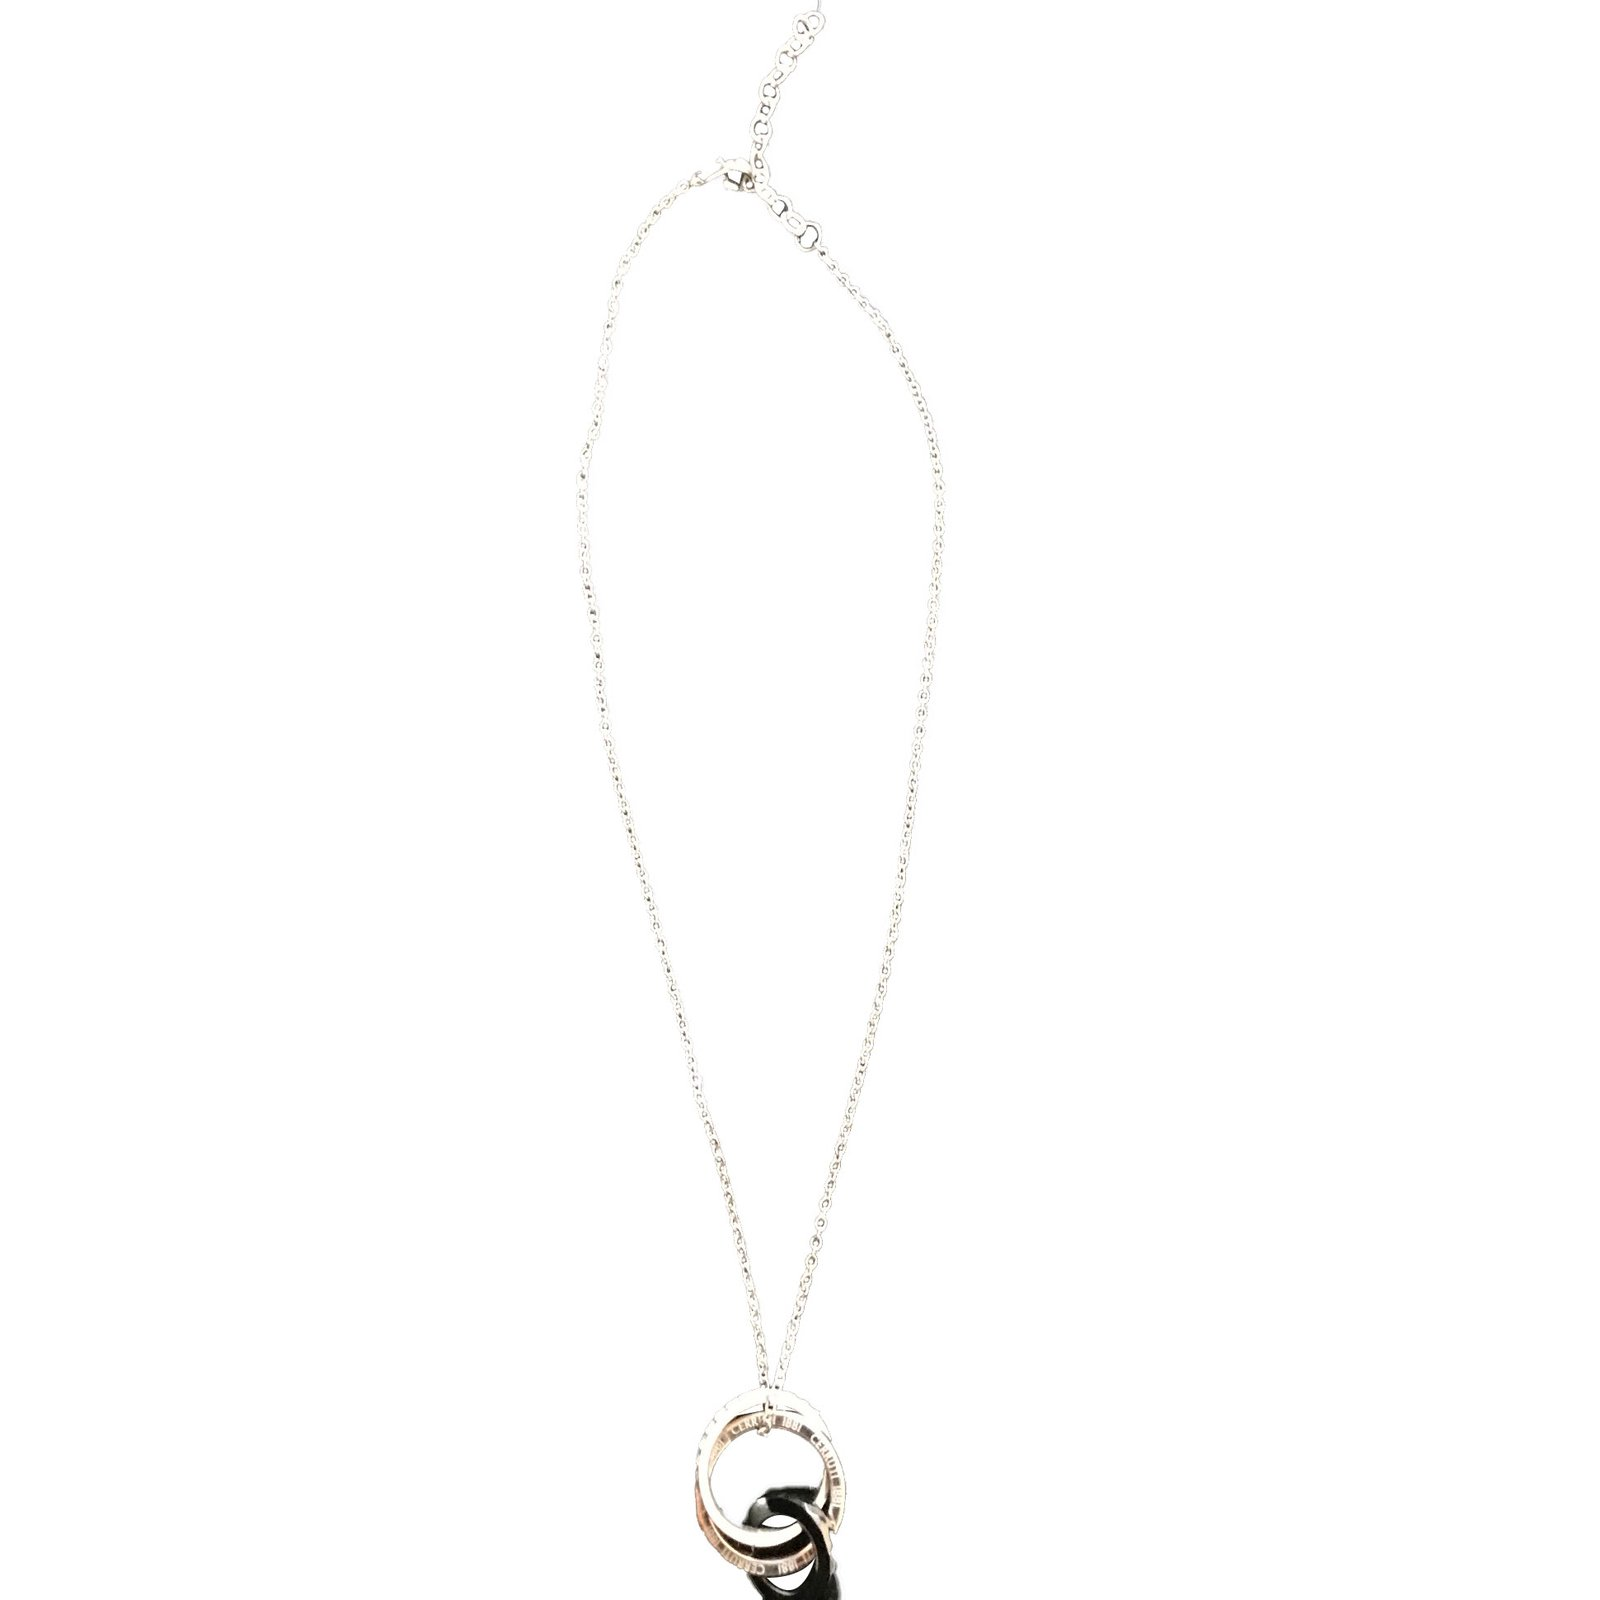 4d886d9836 Cerruti 1881 Necklaces Necklaces Other Other ref.54867 - Joli Closet